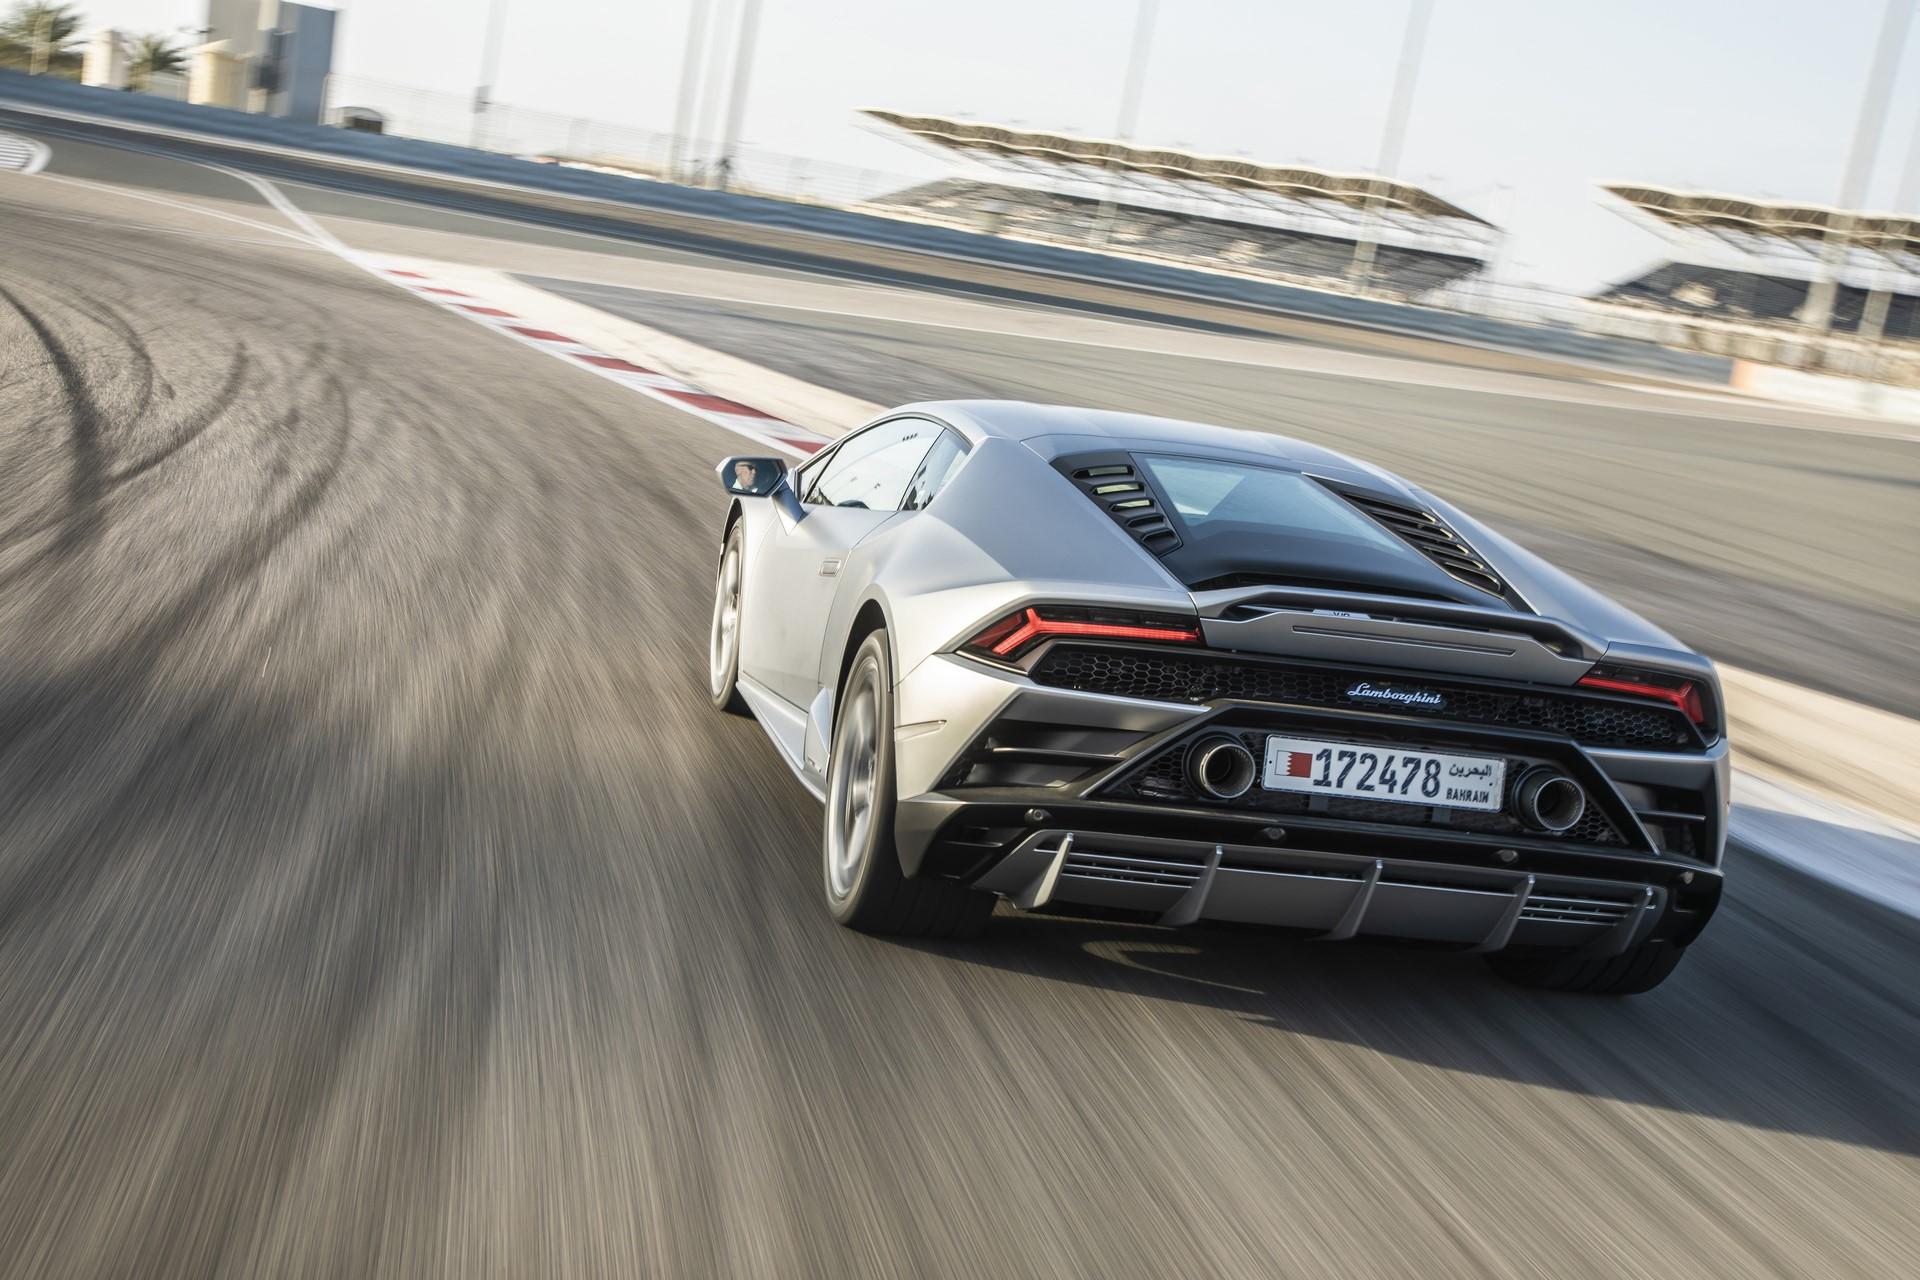 Lamborghini Huracan Evo 2019 (70)